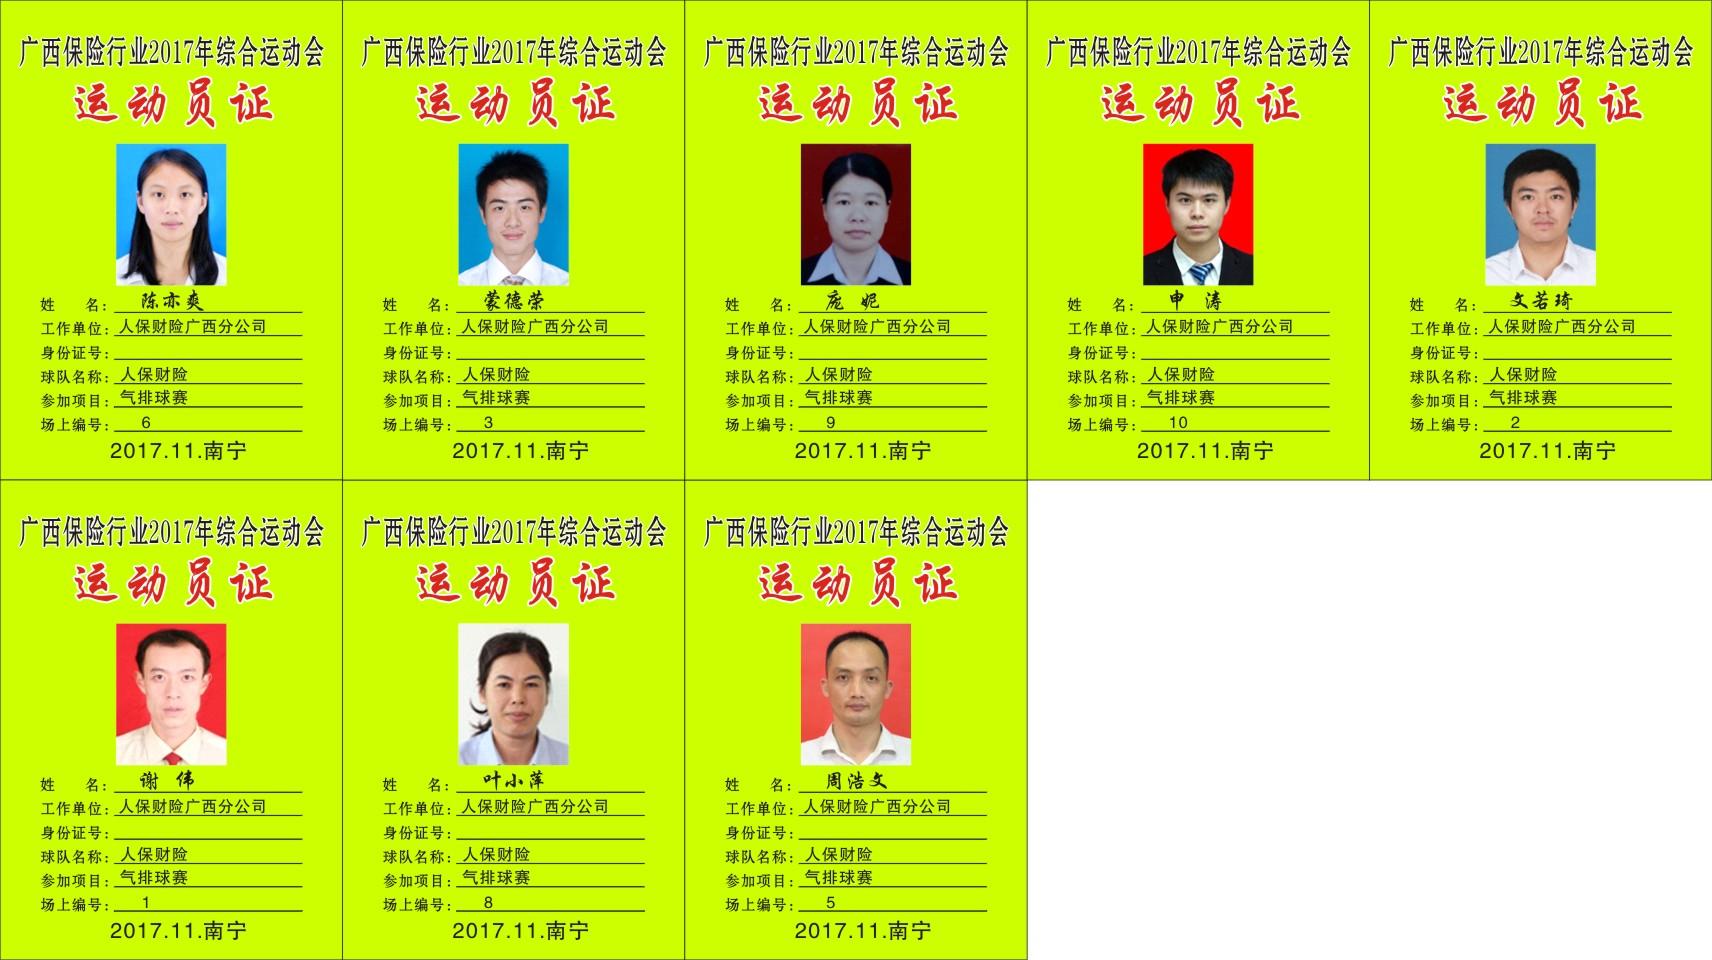 15人保财险广西分公司.jpg